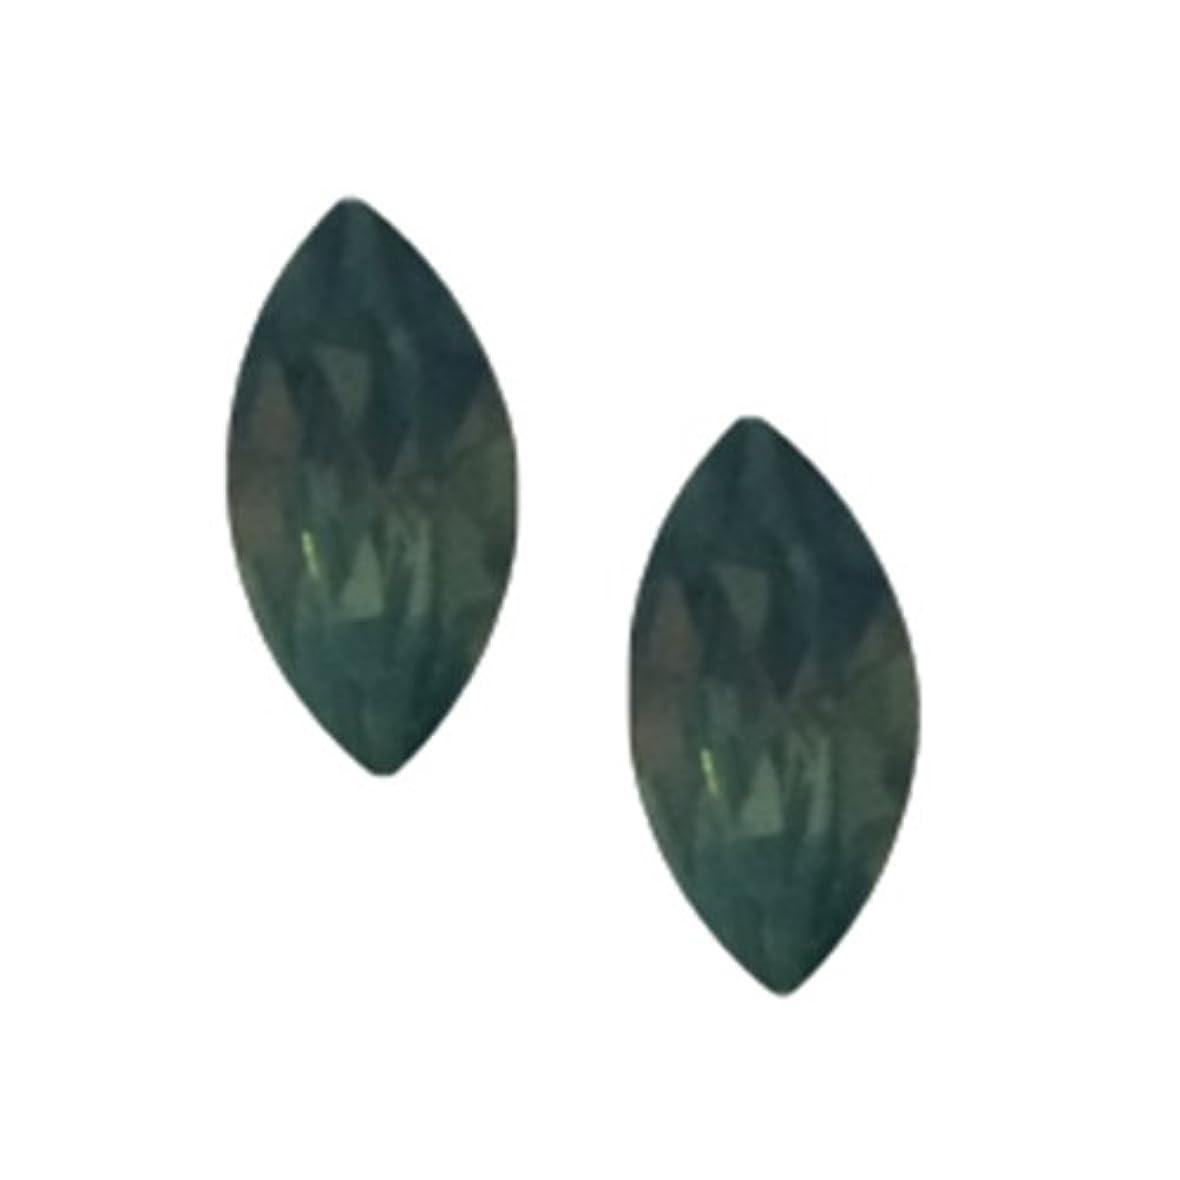 振幅虹スキーPOSH ART ネイルパーツ馬眼型 3*6mm 10P グリーンオパール